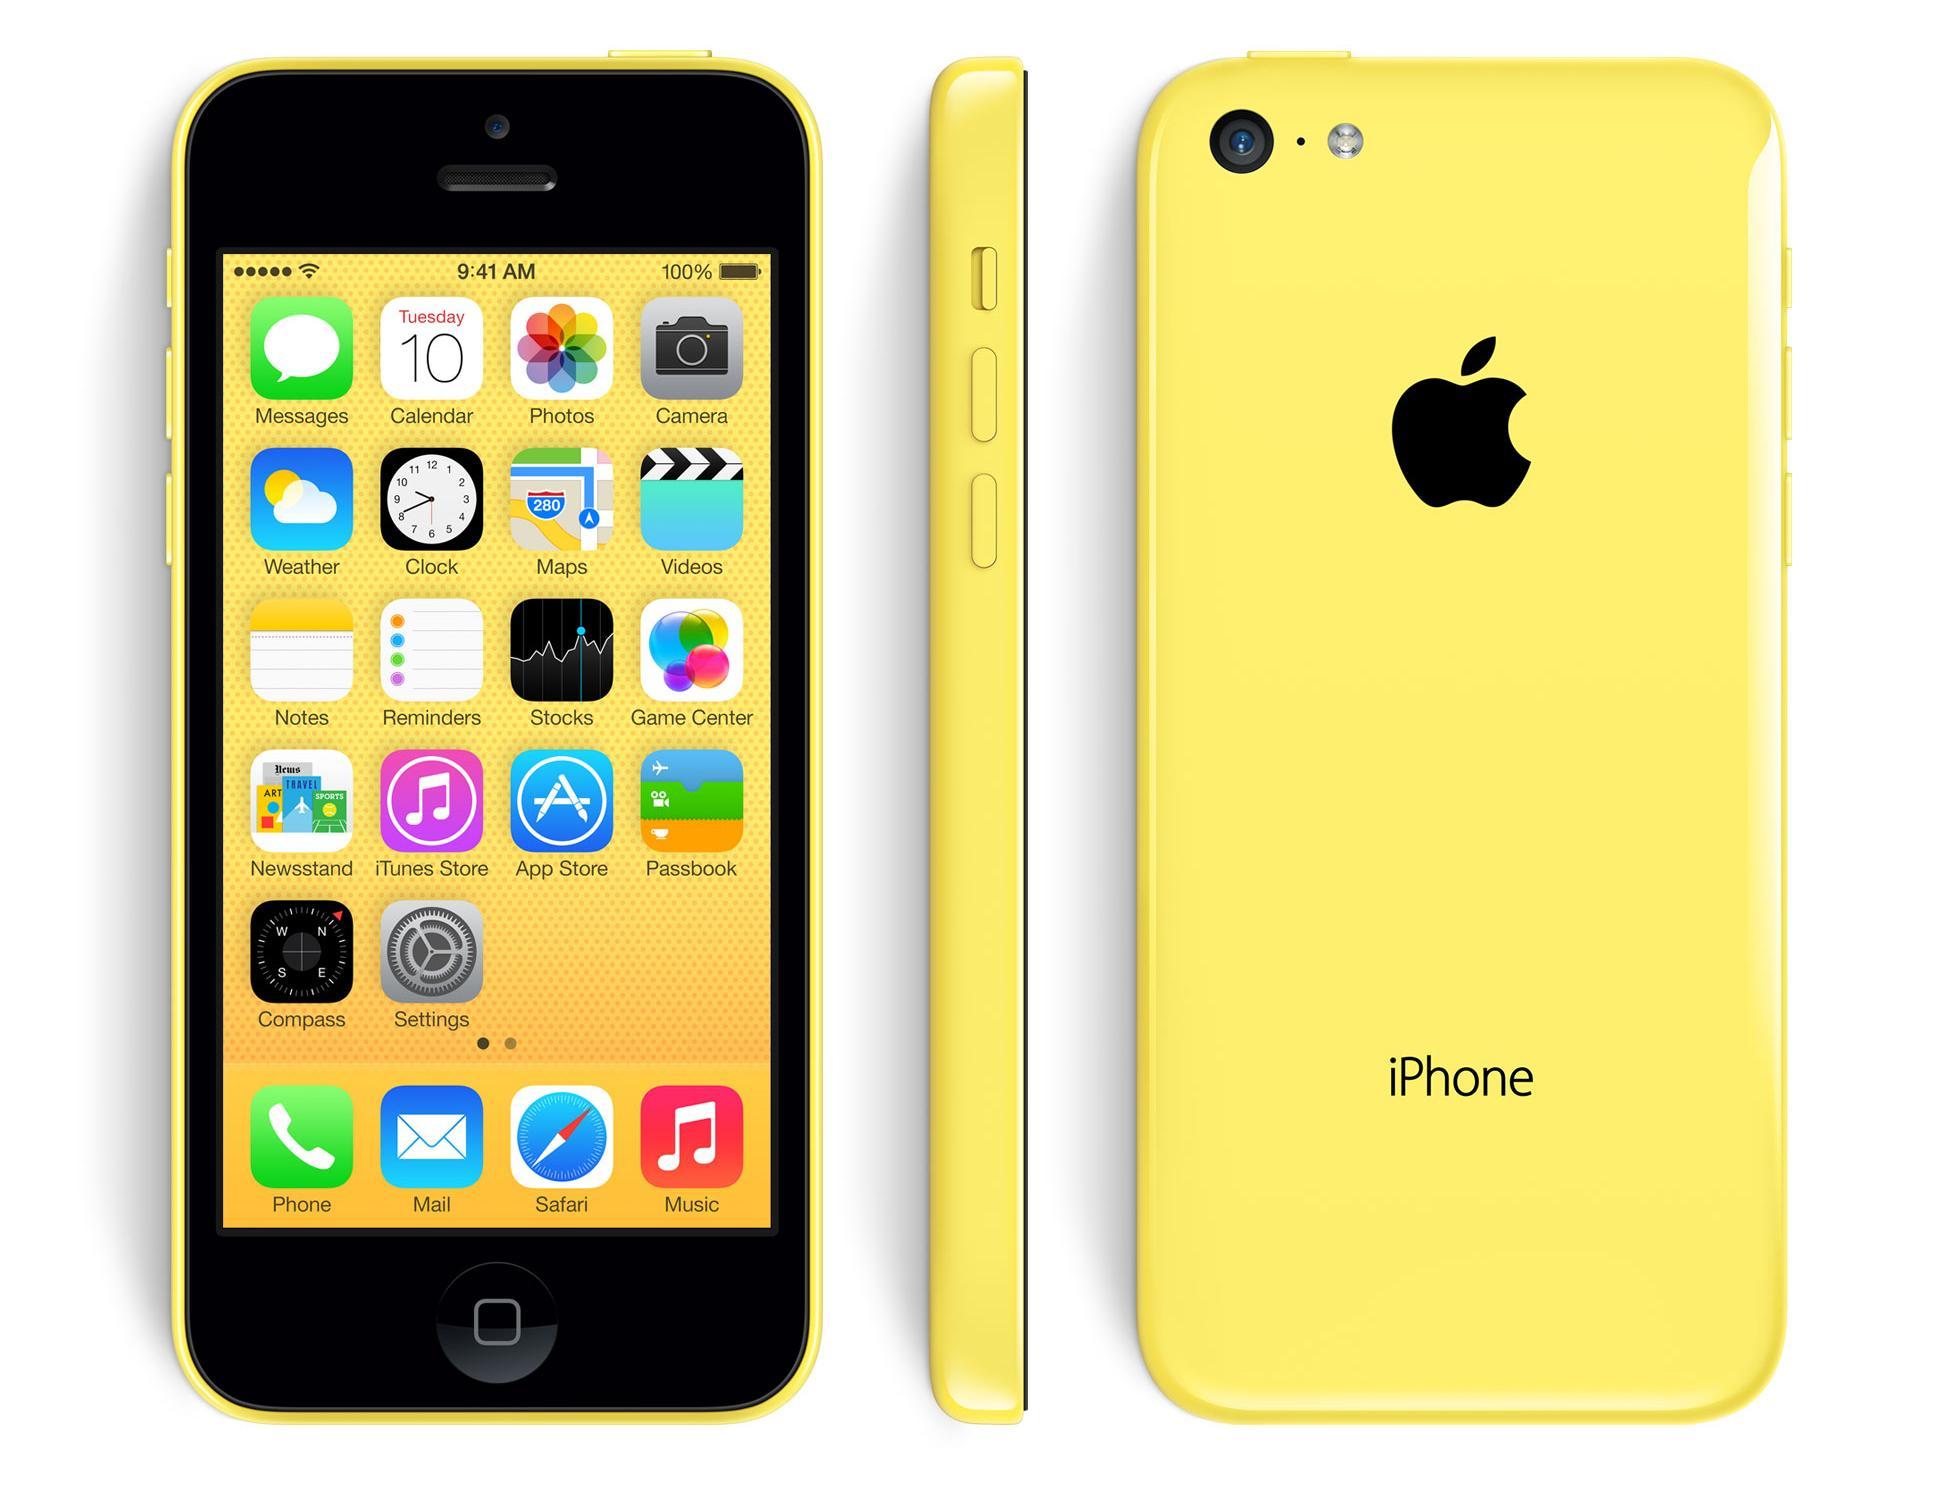 Цена на бюджетный Айфон: насколько дешев «дешевый»?